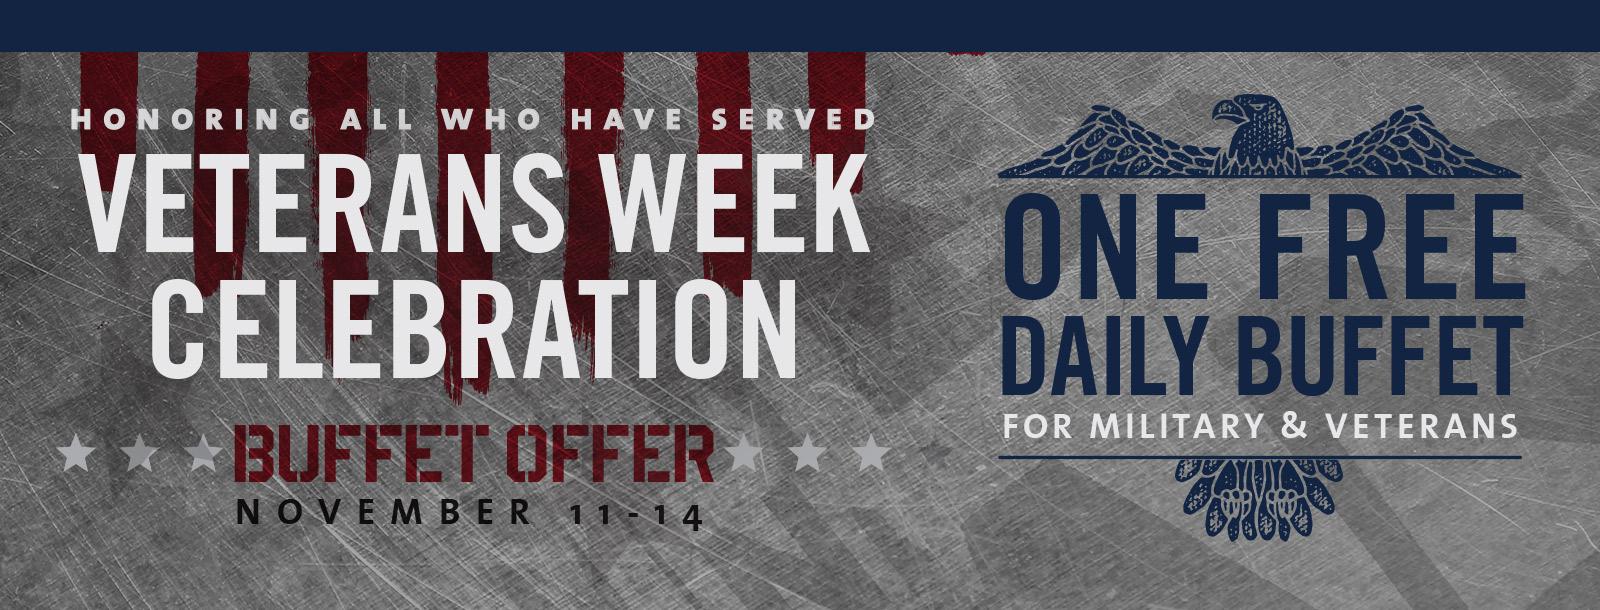 veterans week 2018